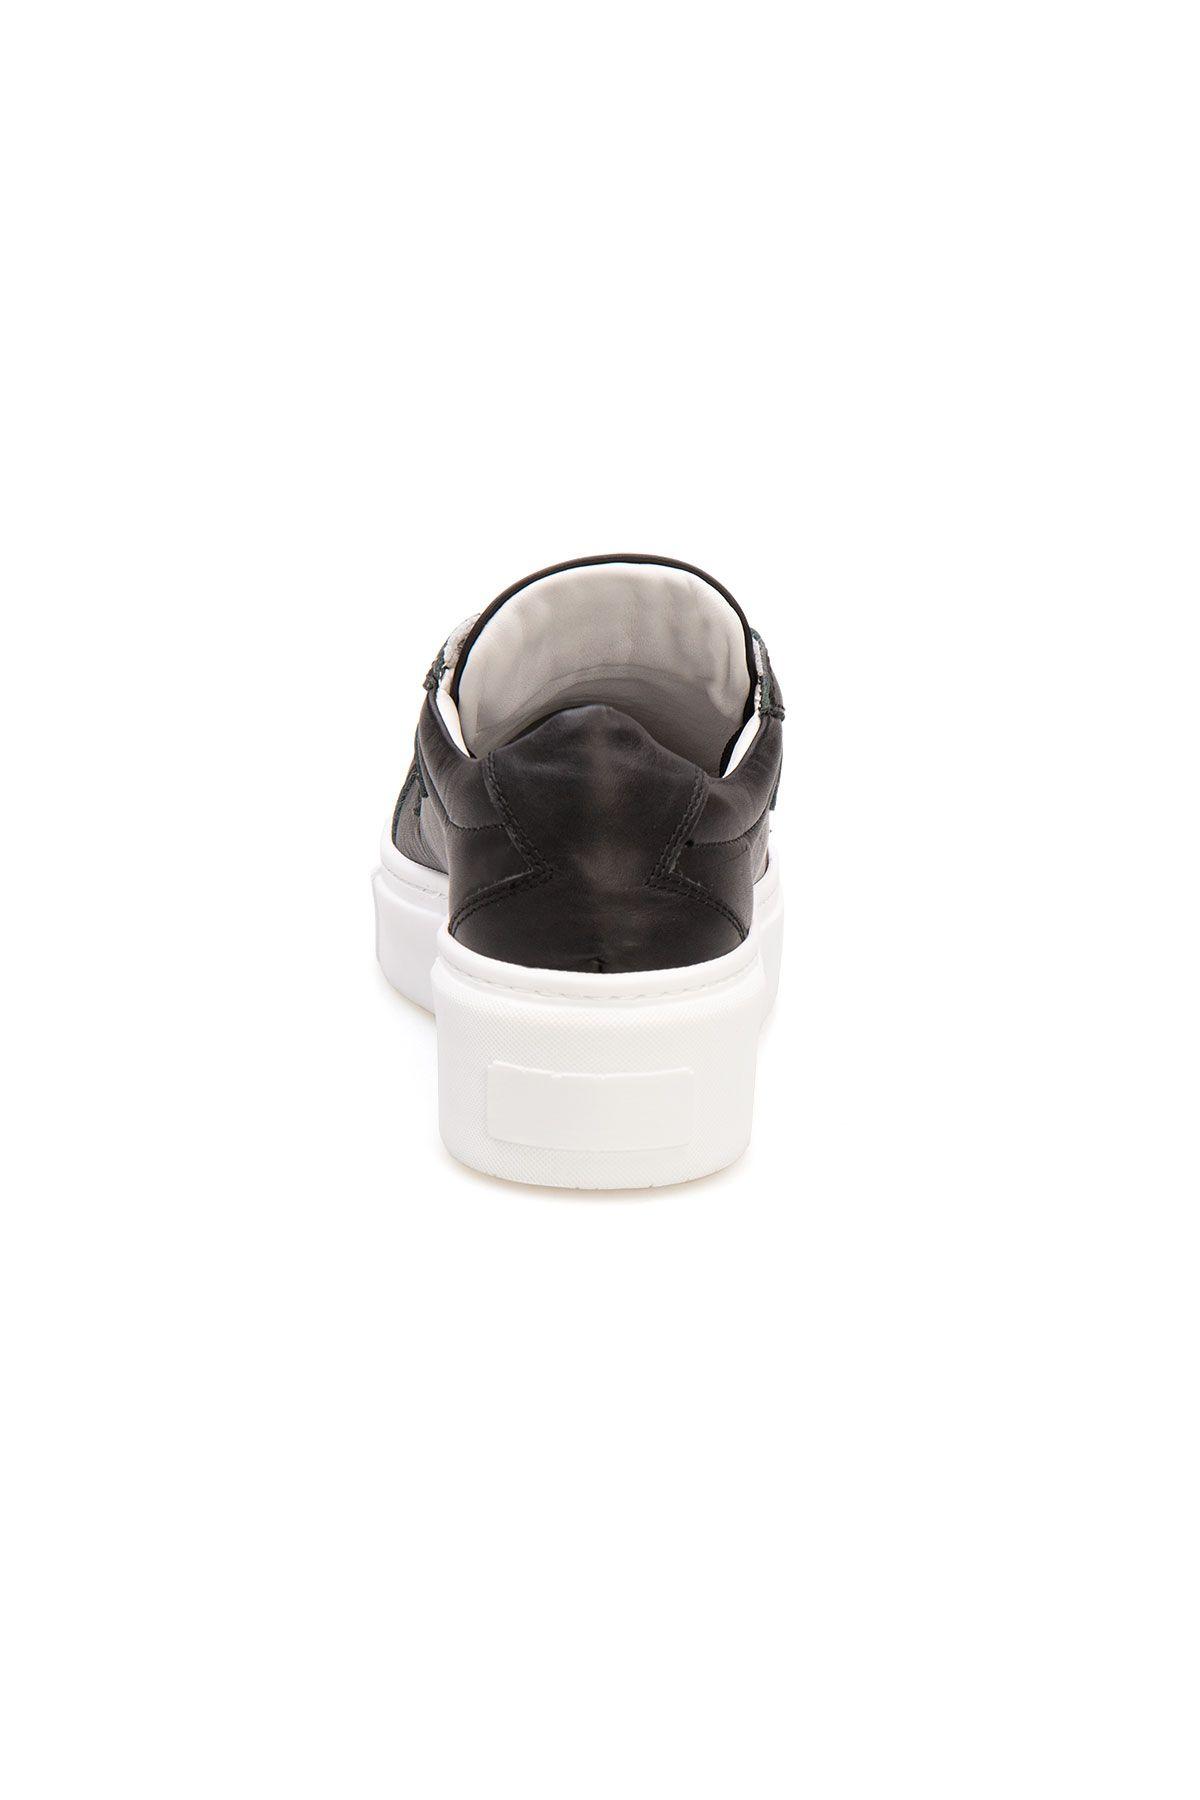 Pegia Genuine Leather Women's Sneaker LA1505 Black